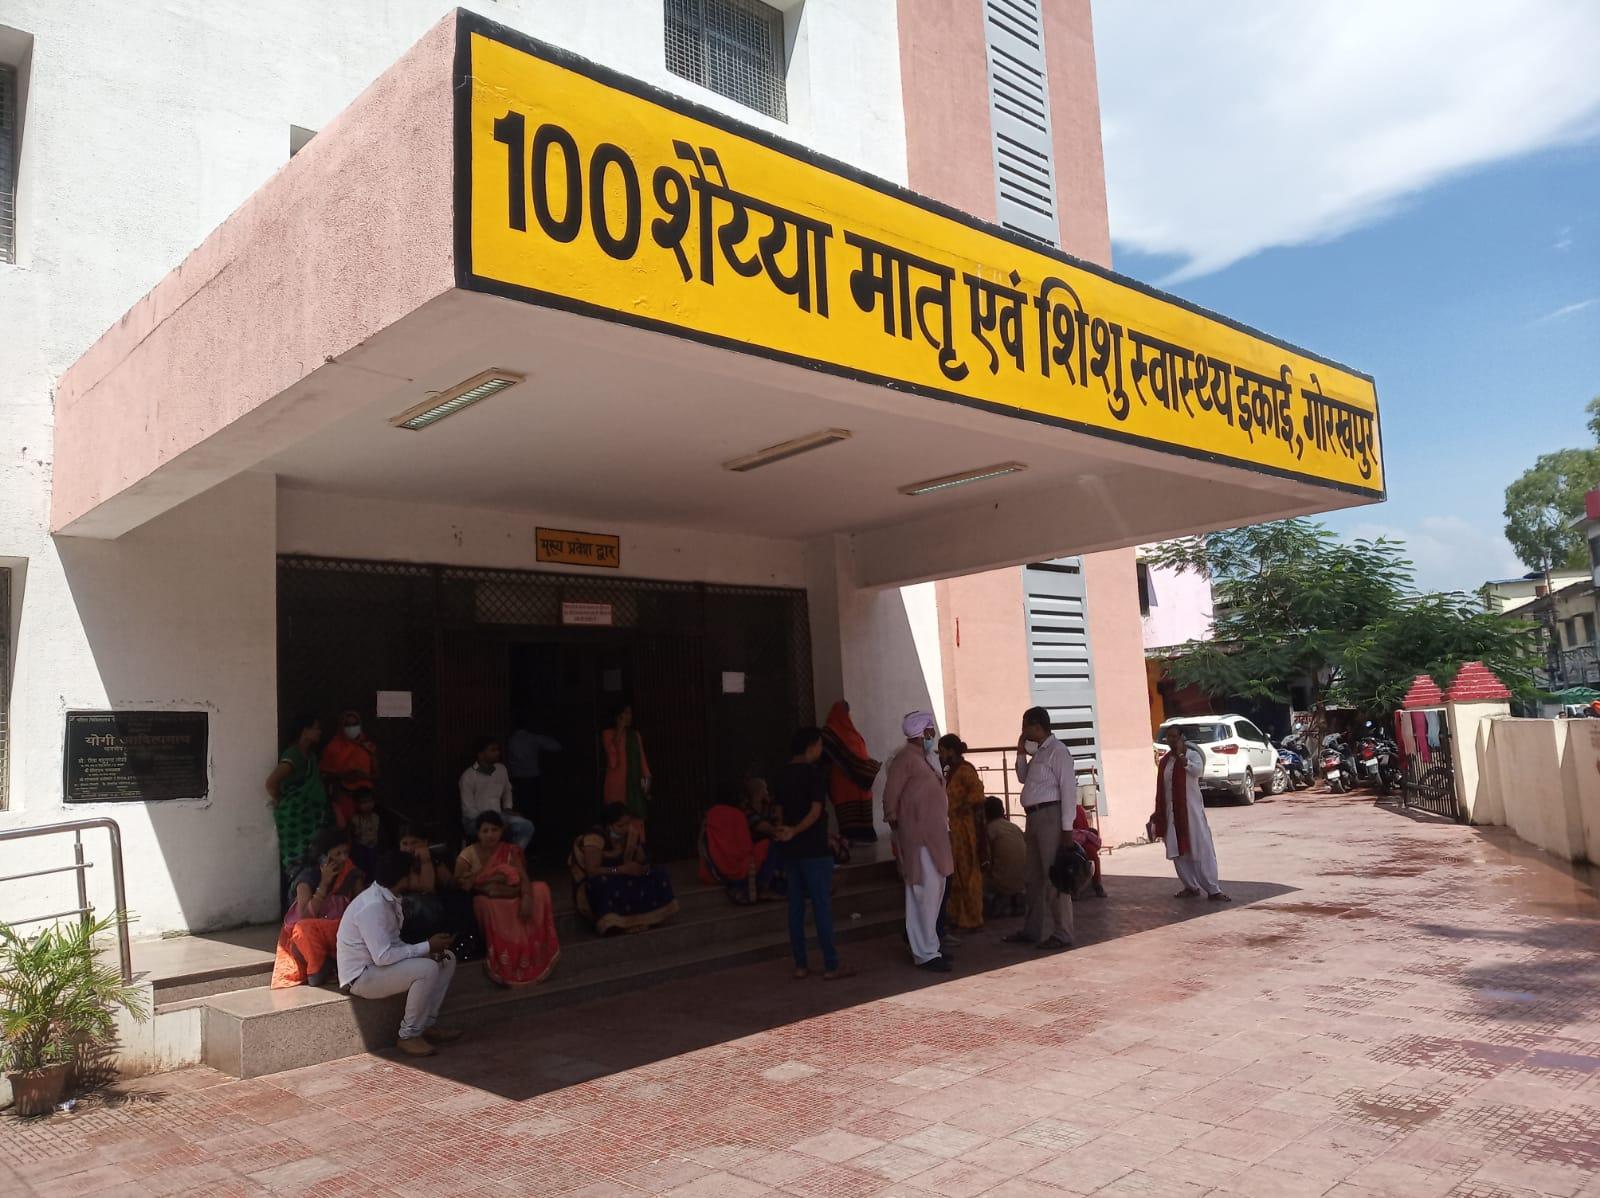 जिला अस्पताल में बुधवार को ओपीडी में आने वाले 123 बच्चों का इलाज किया गया, जबकि दोपहर 12 बजे तक 1136 मरीजों की ओपीडी हुई।